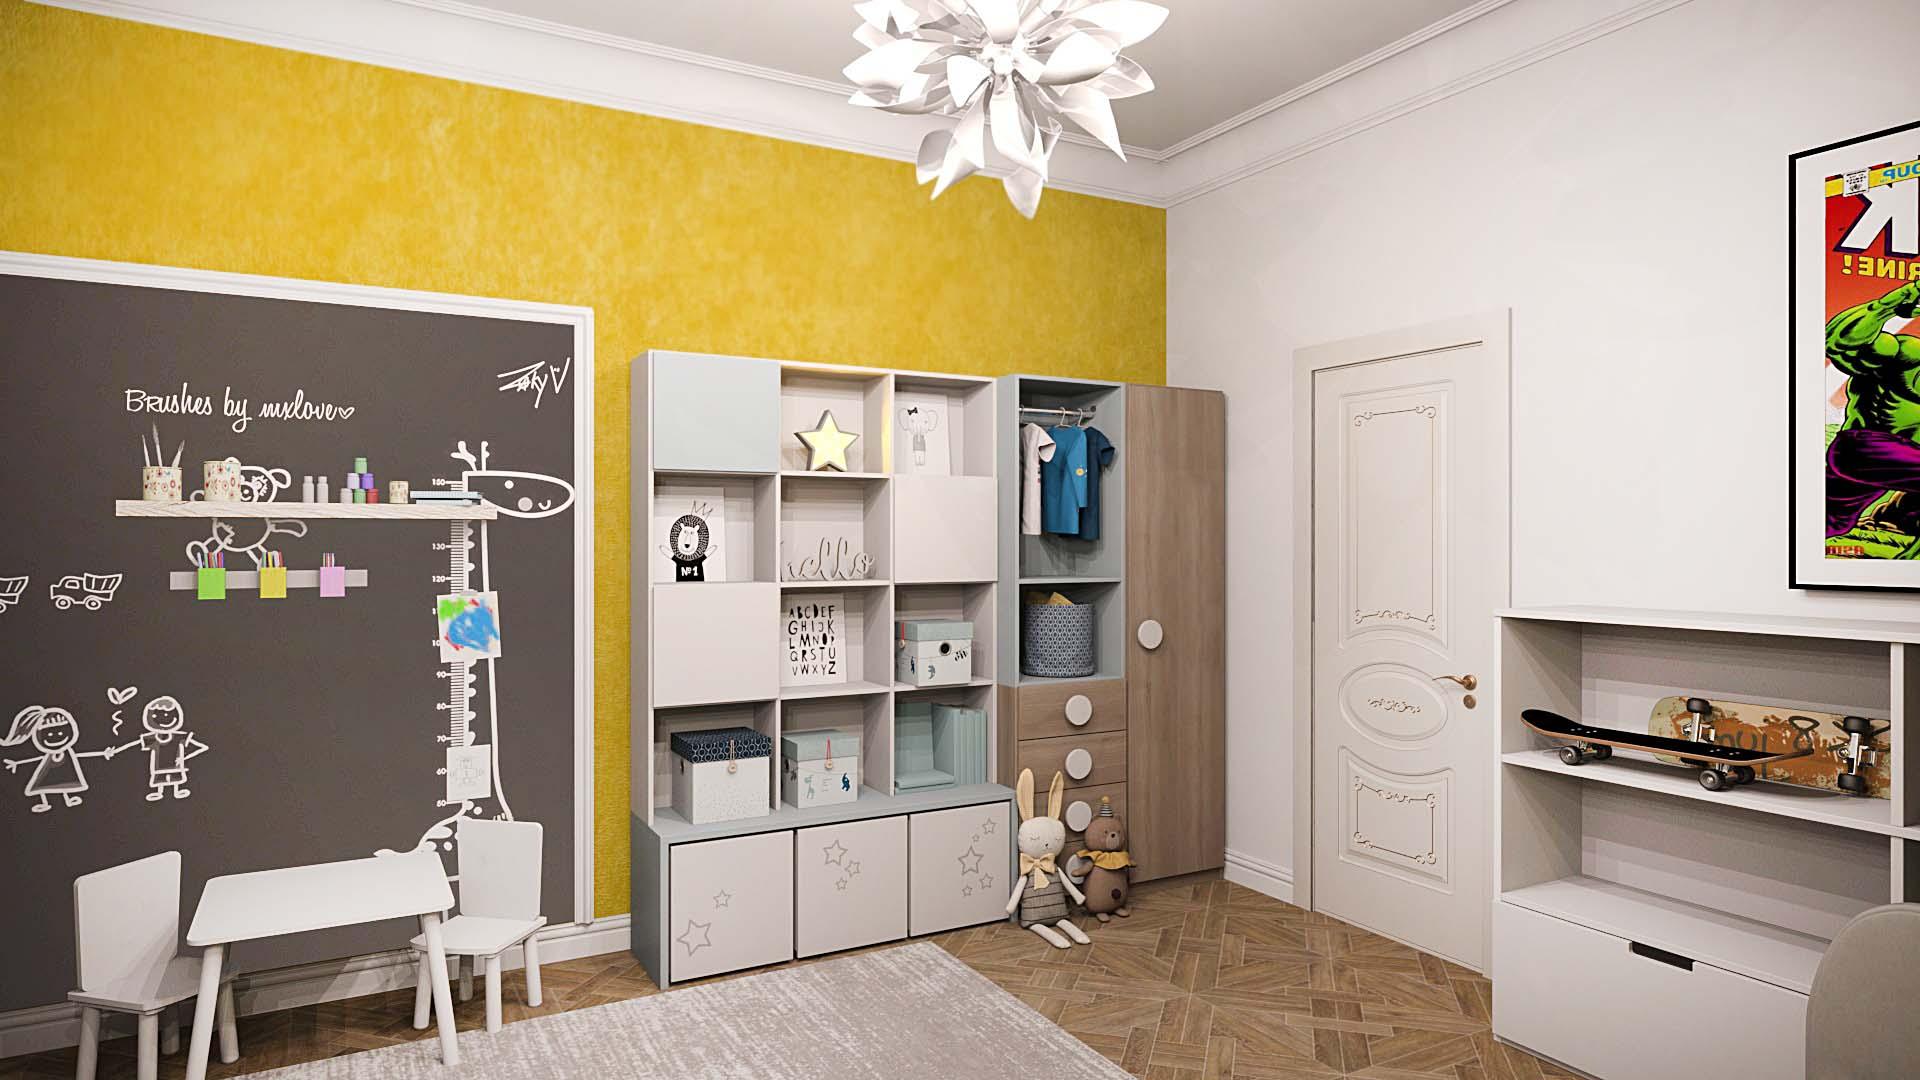 детская комната, дизайн детской, интерьер детской, детская в желтых цветах, диван в детской, обивка на стене в детской, детская для мальчика, детская для девочки